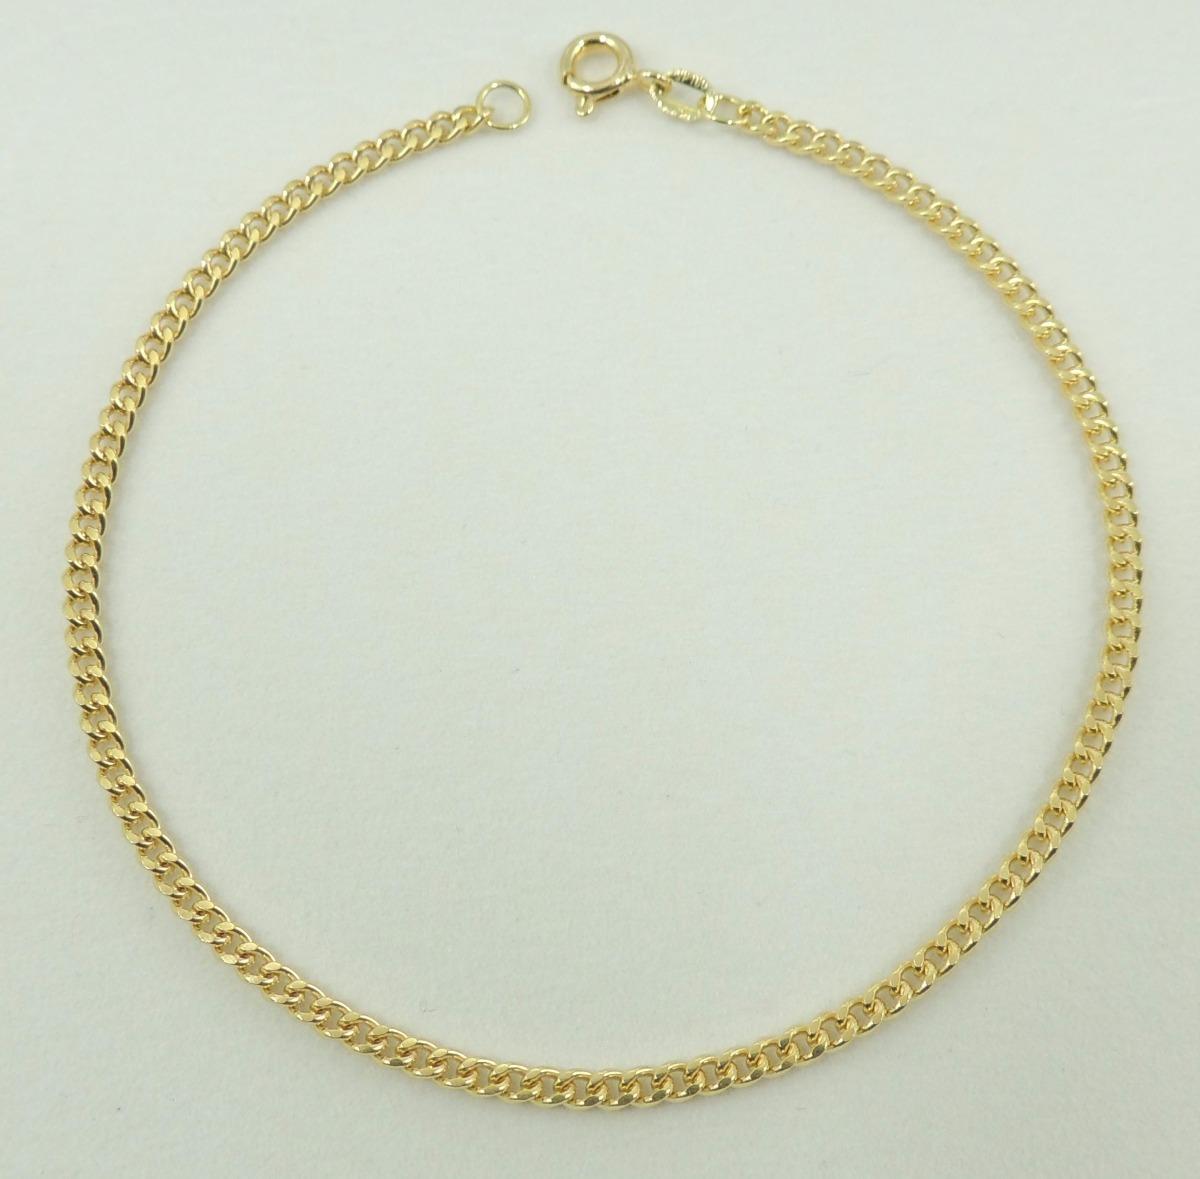 77e8a1d6f6d pulseira masculina grumet 21 cm ouro 18k 750 super promoção. Carregando  zoom.